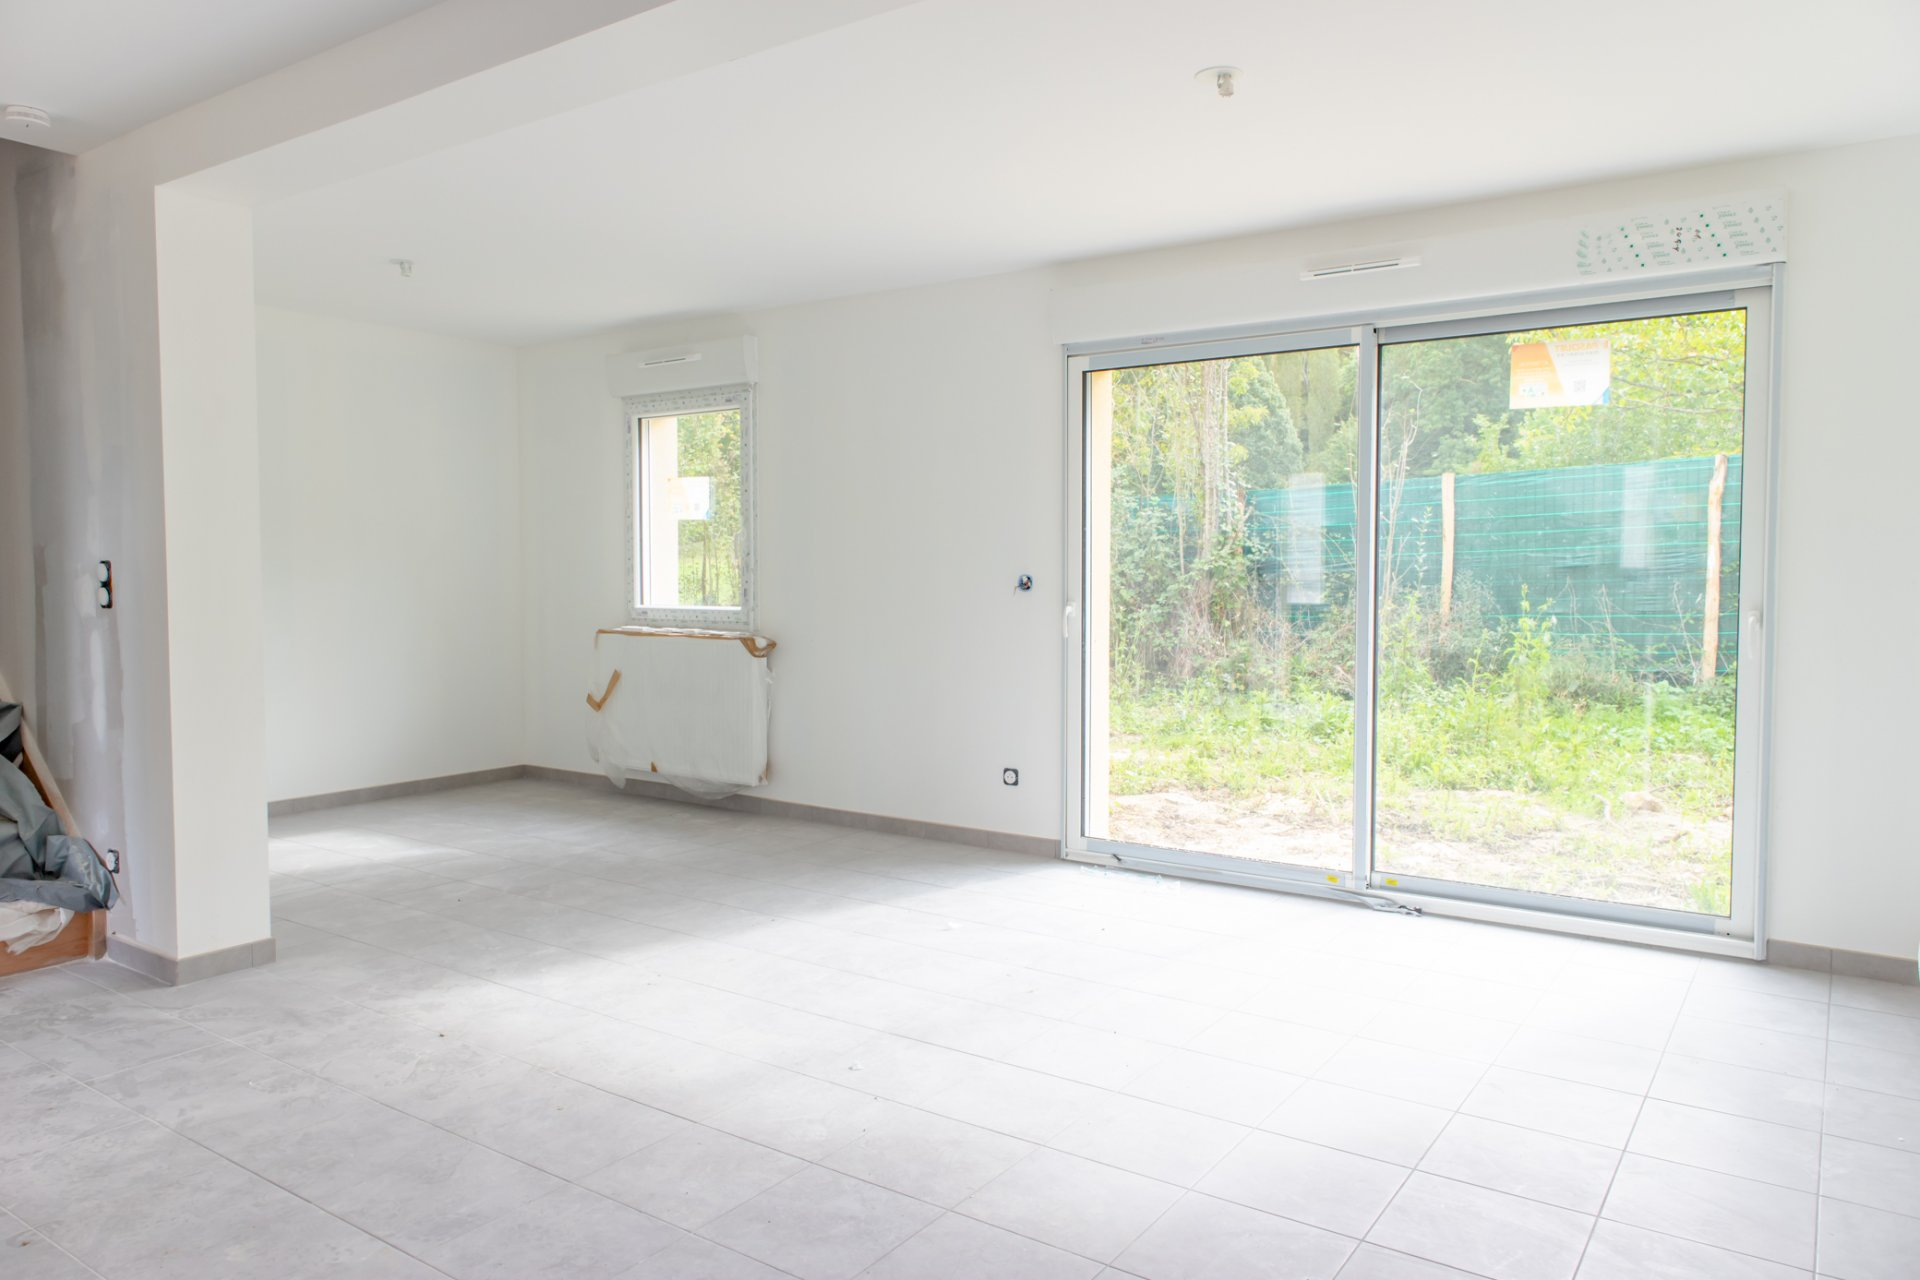 Maison individuelle neuve 3ch + garage